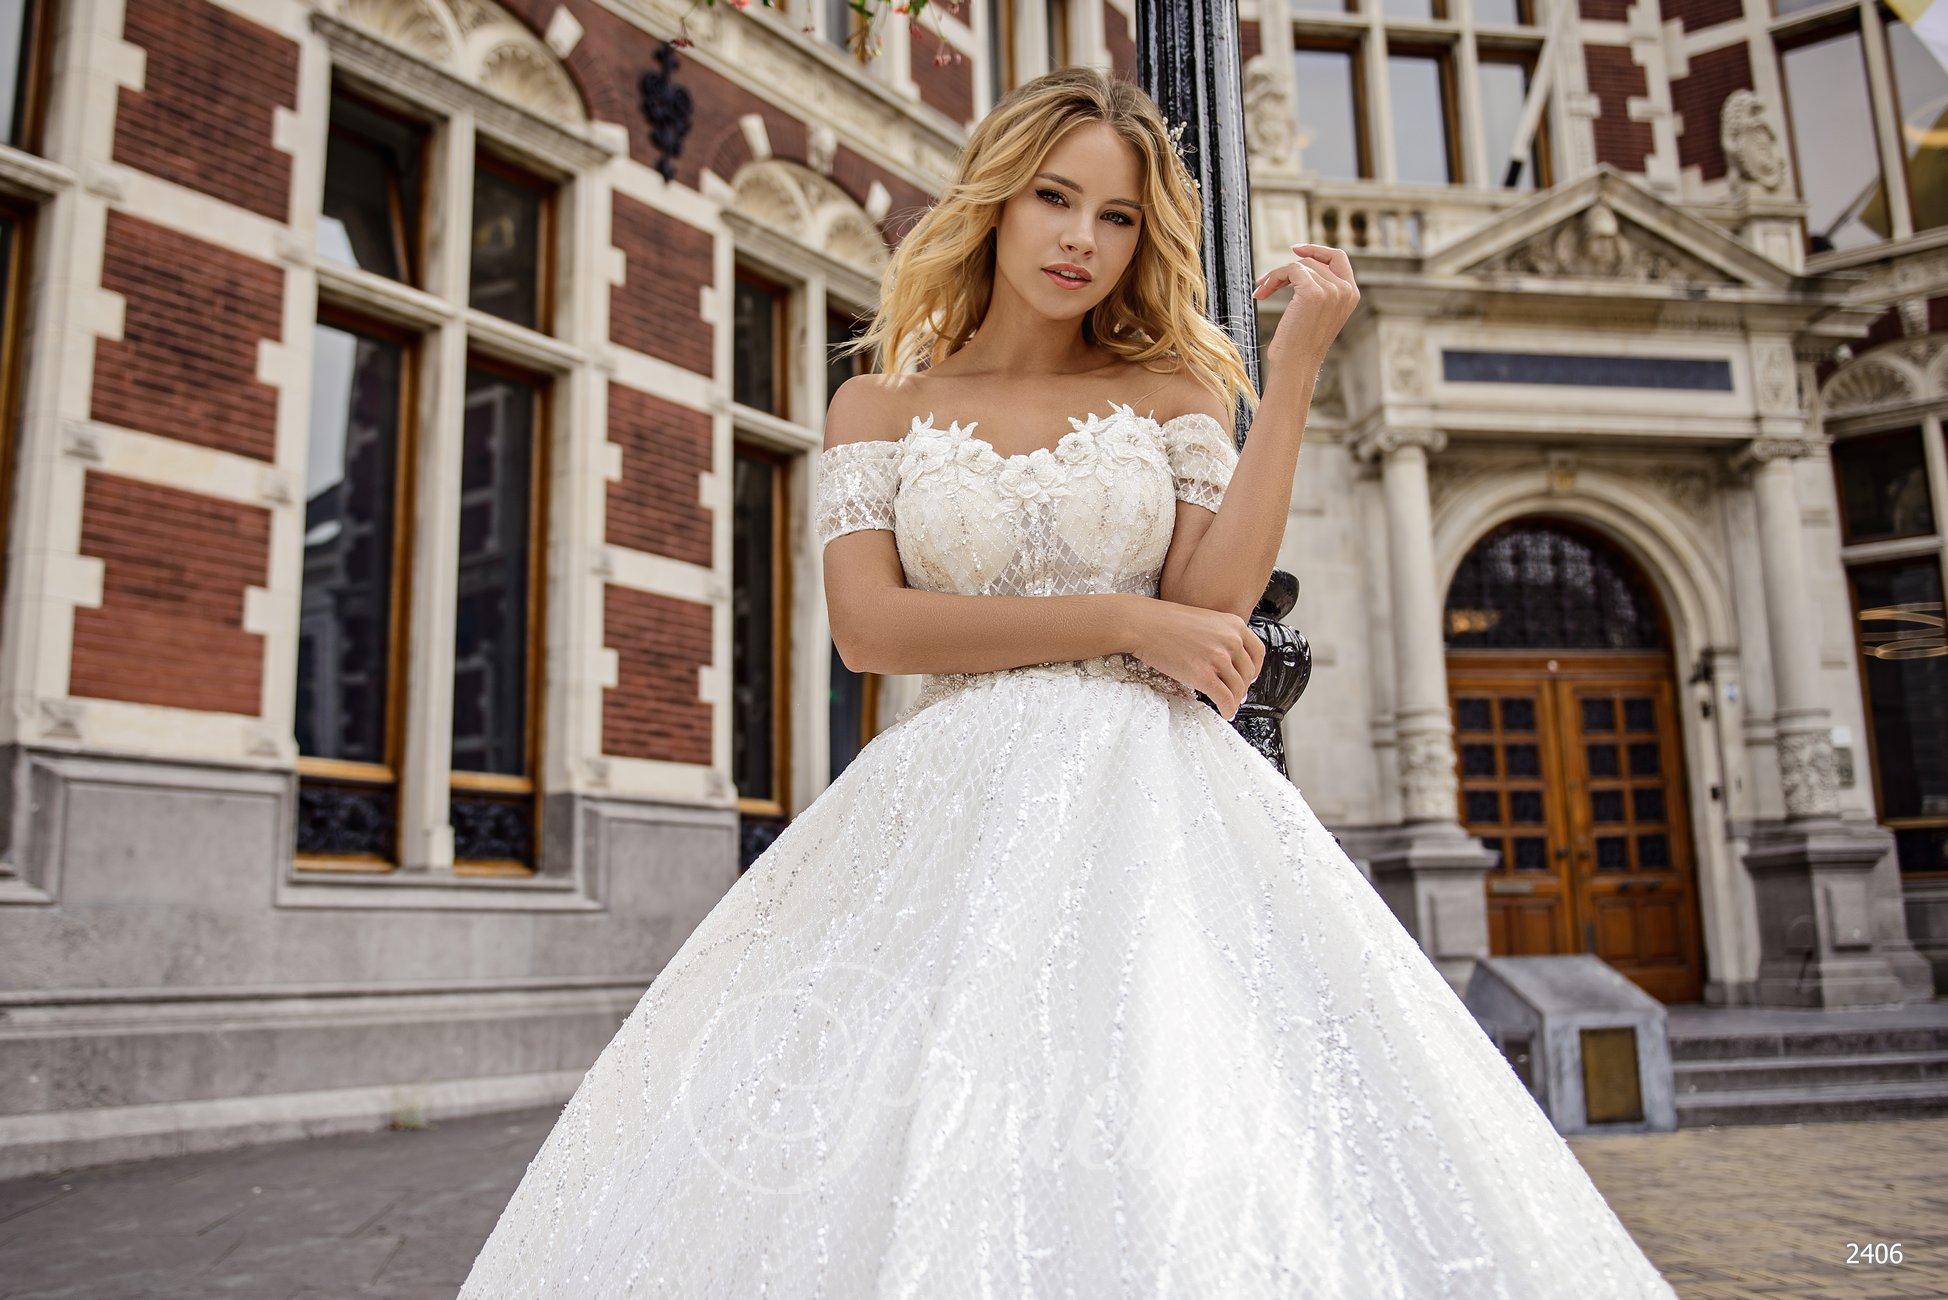 1688f90cd5fb91 Весільна сукня з приспущеними бретелями | Купити весільні сукні ...